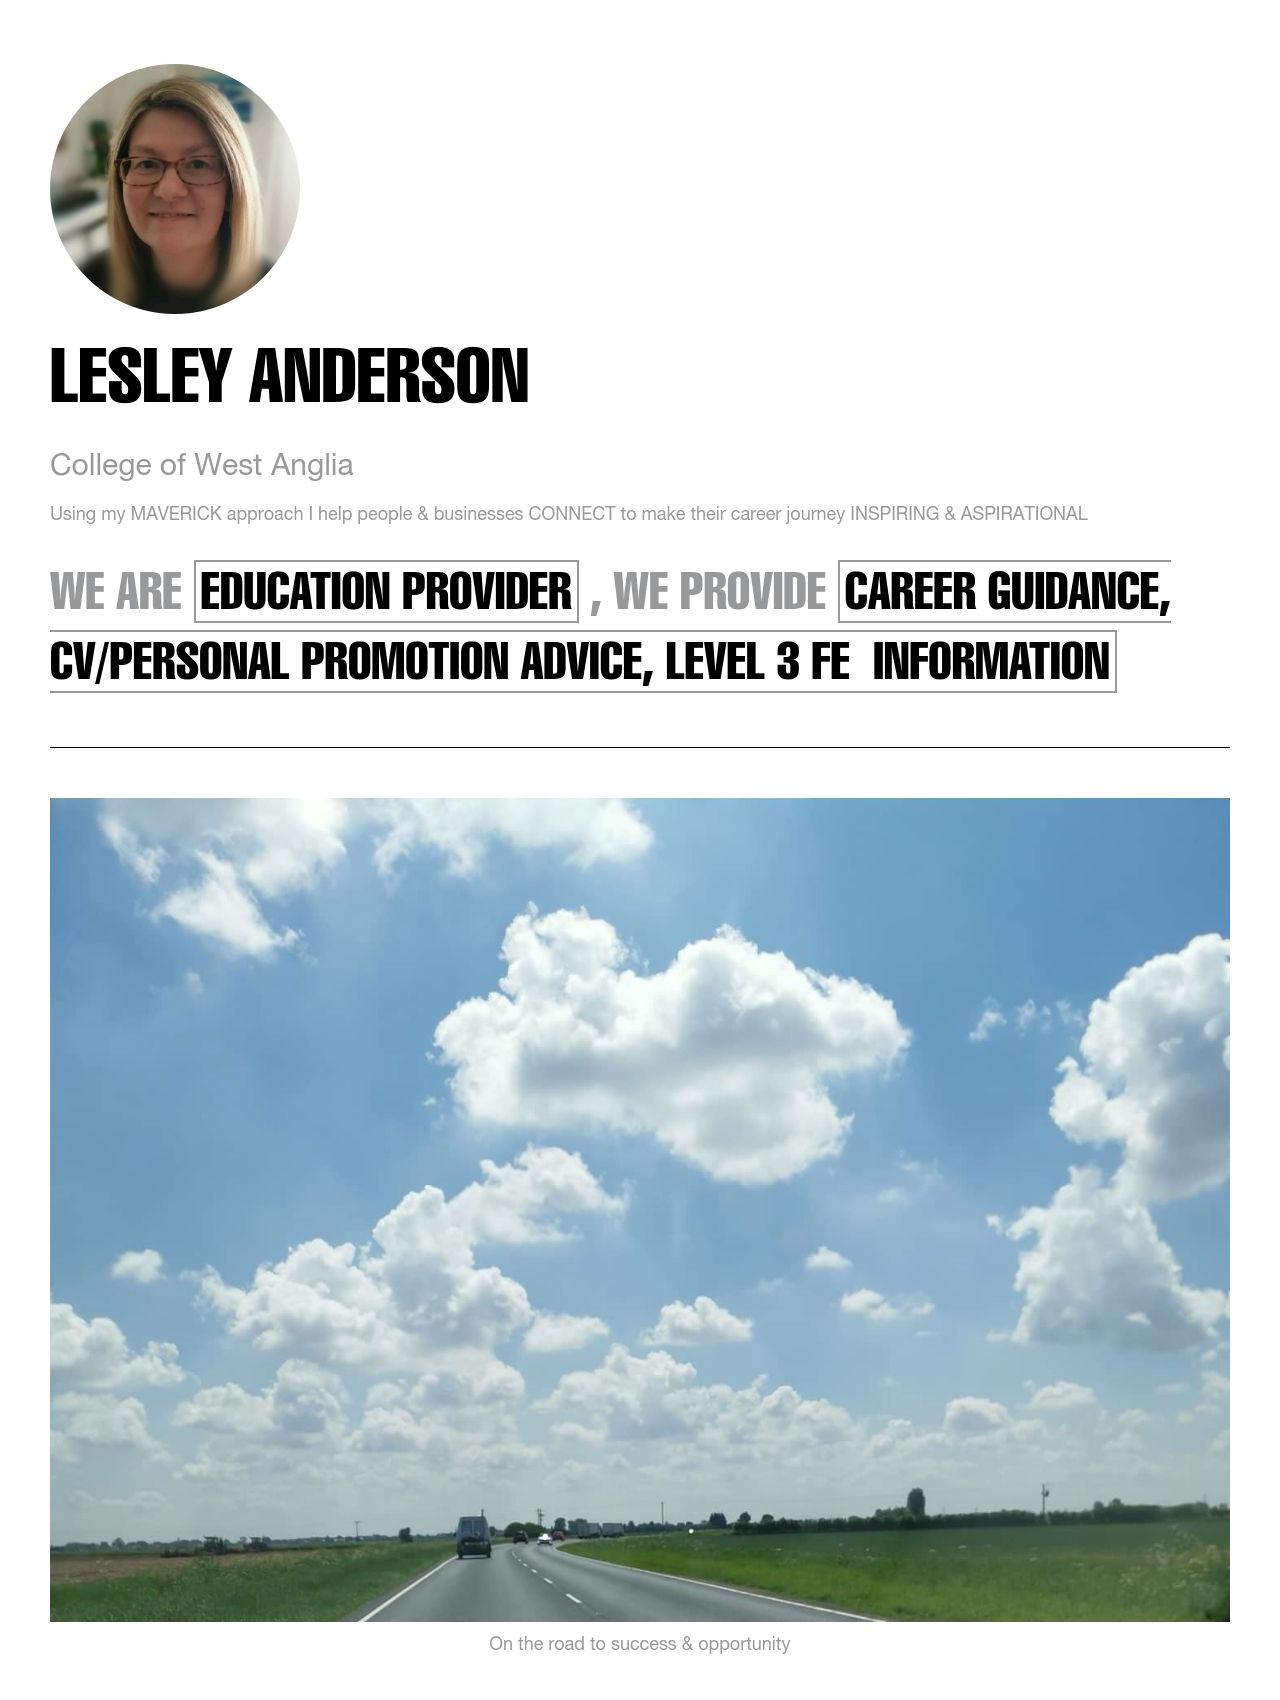 Lesley Anderson